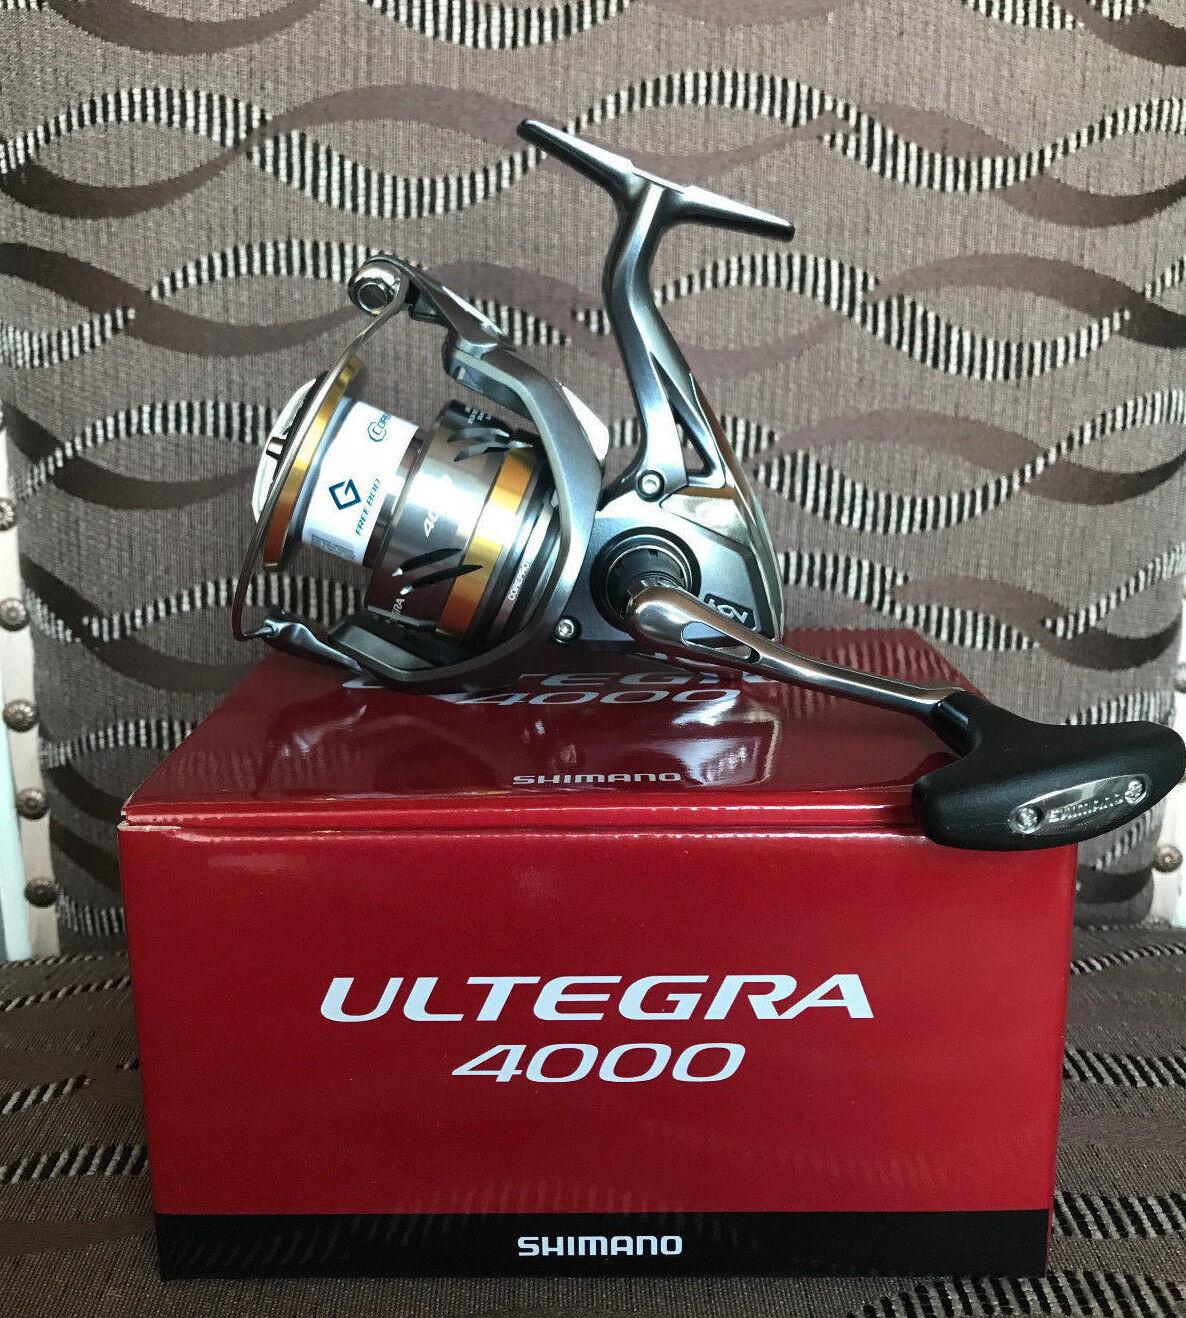 Carrete de spinning spinning spinning Shimano Ultegra 4000 FB d7e49e